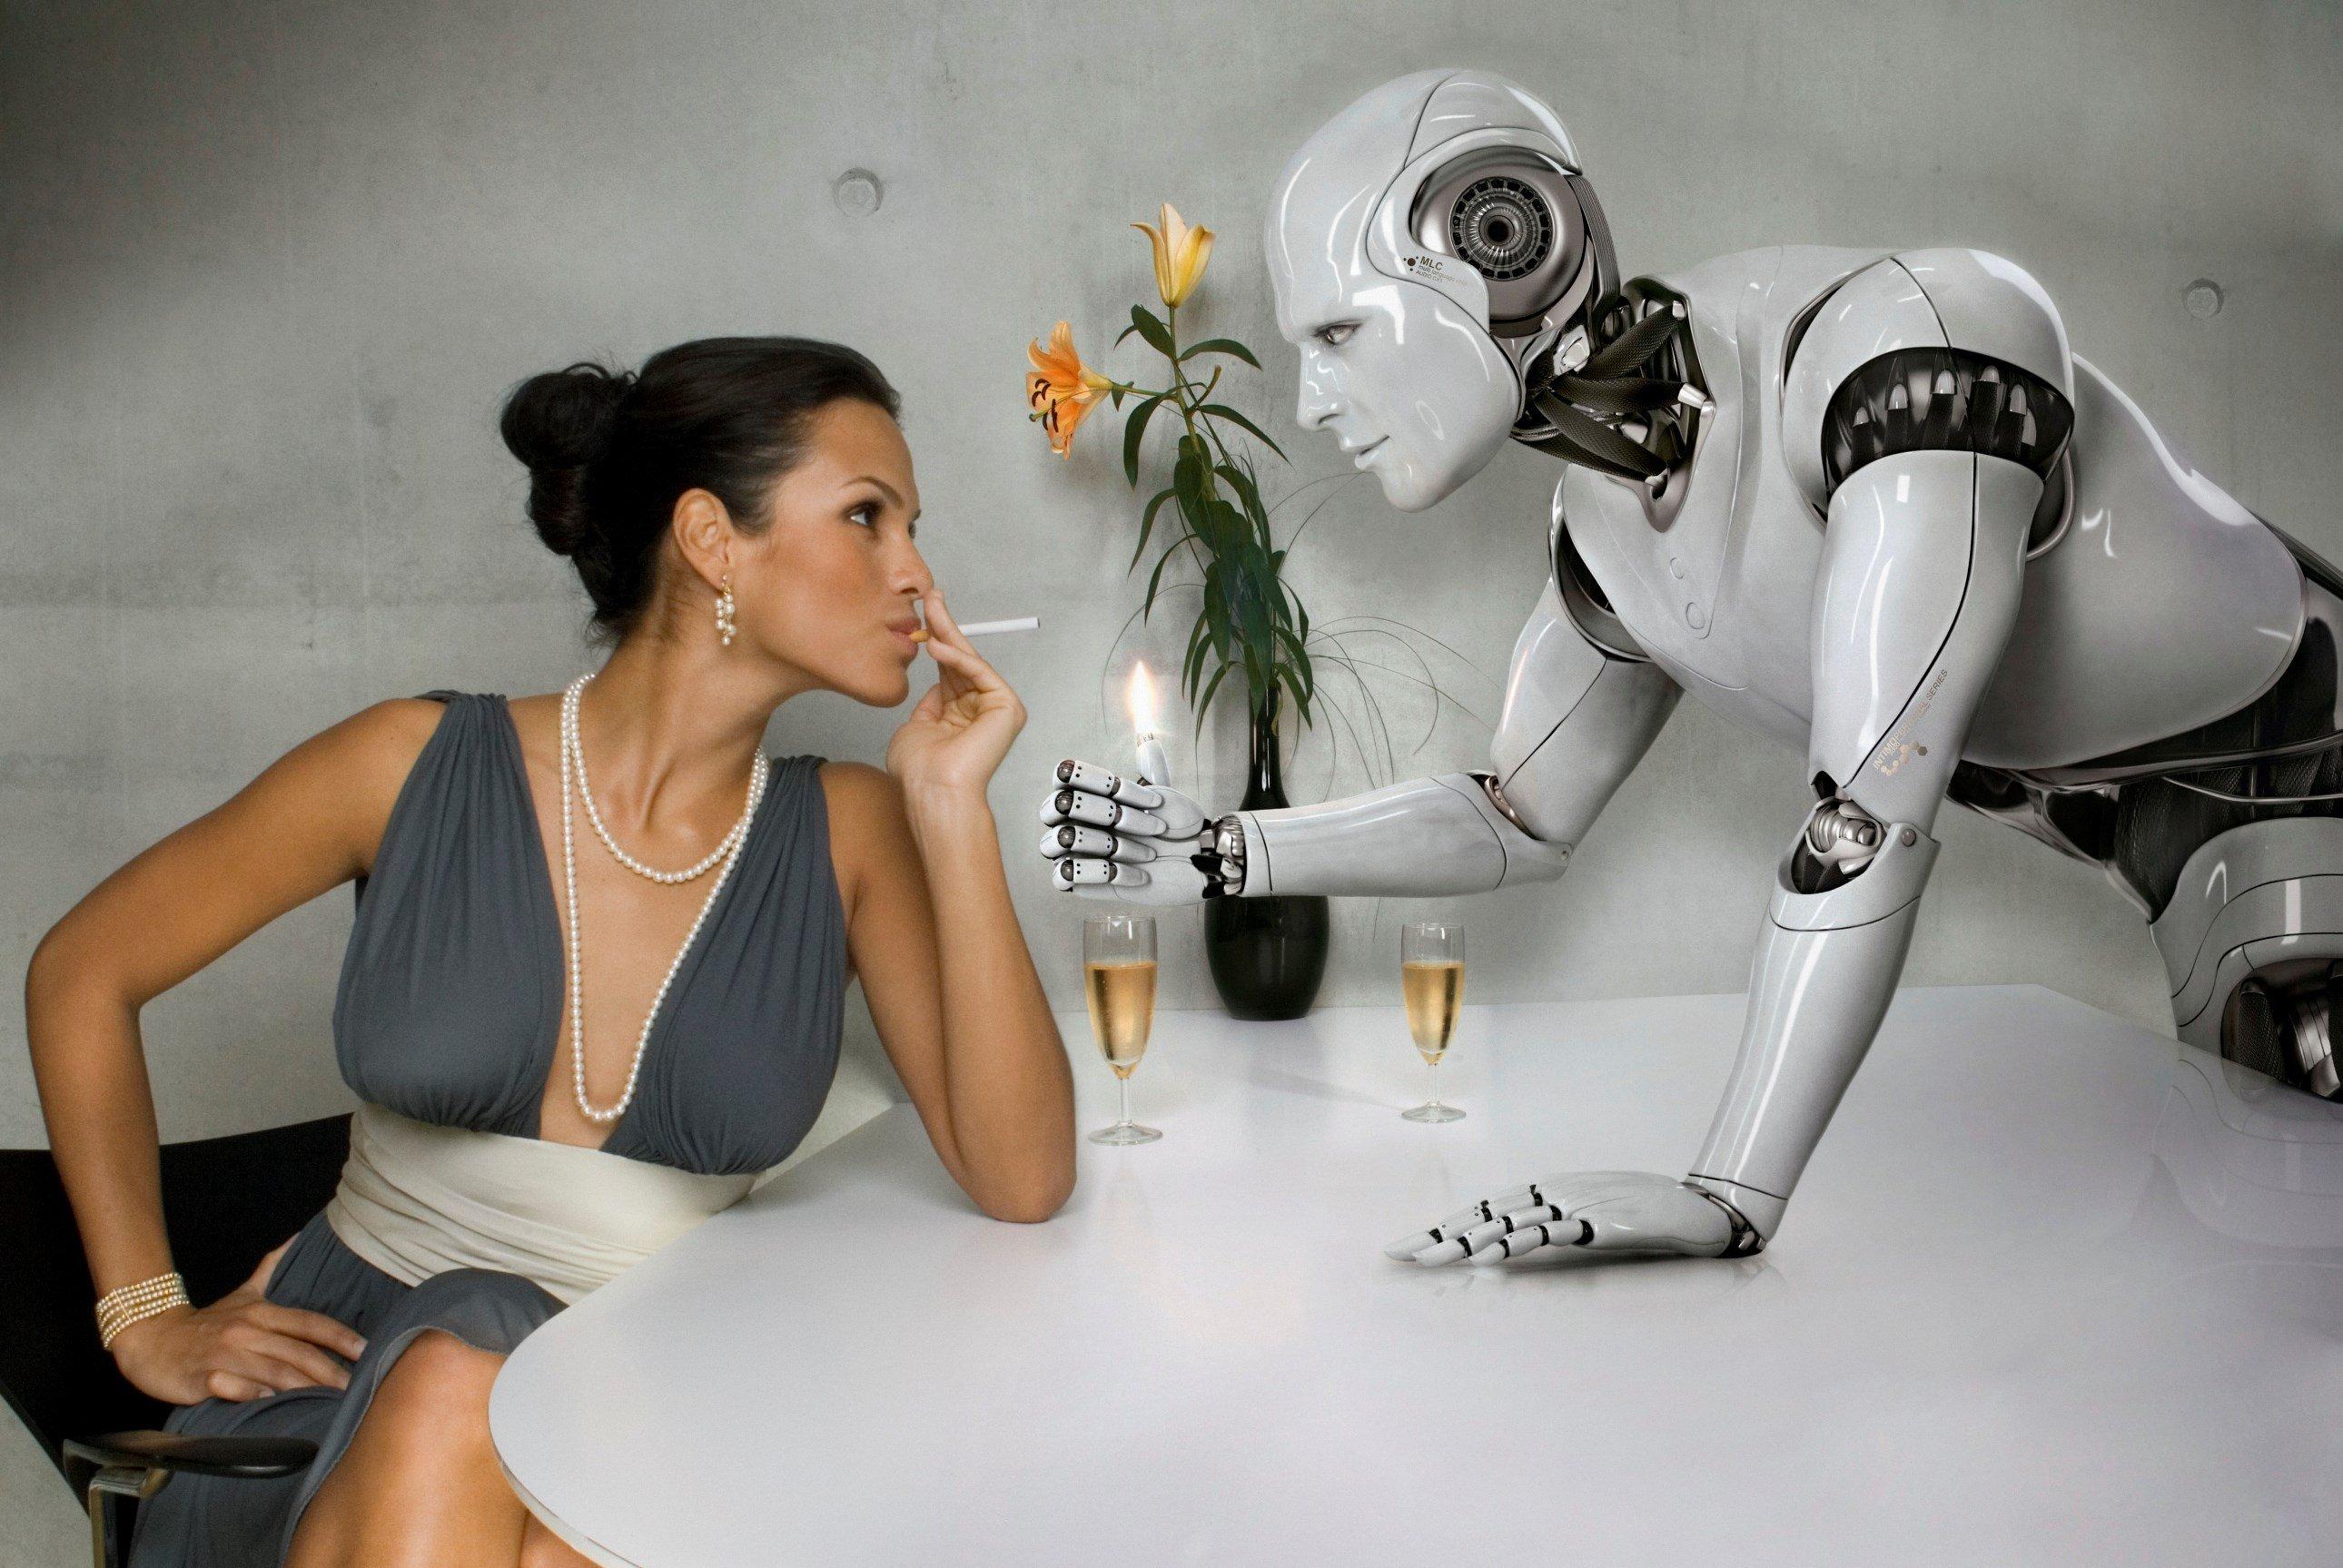 papka-foto-budushhee-glazam-futurologa-porazitelnye-prognozy-rehya-kurcvejjla-robot-i-chelovek